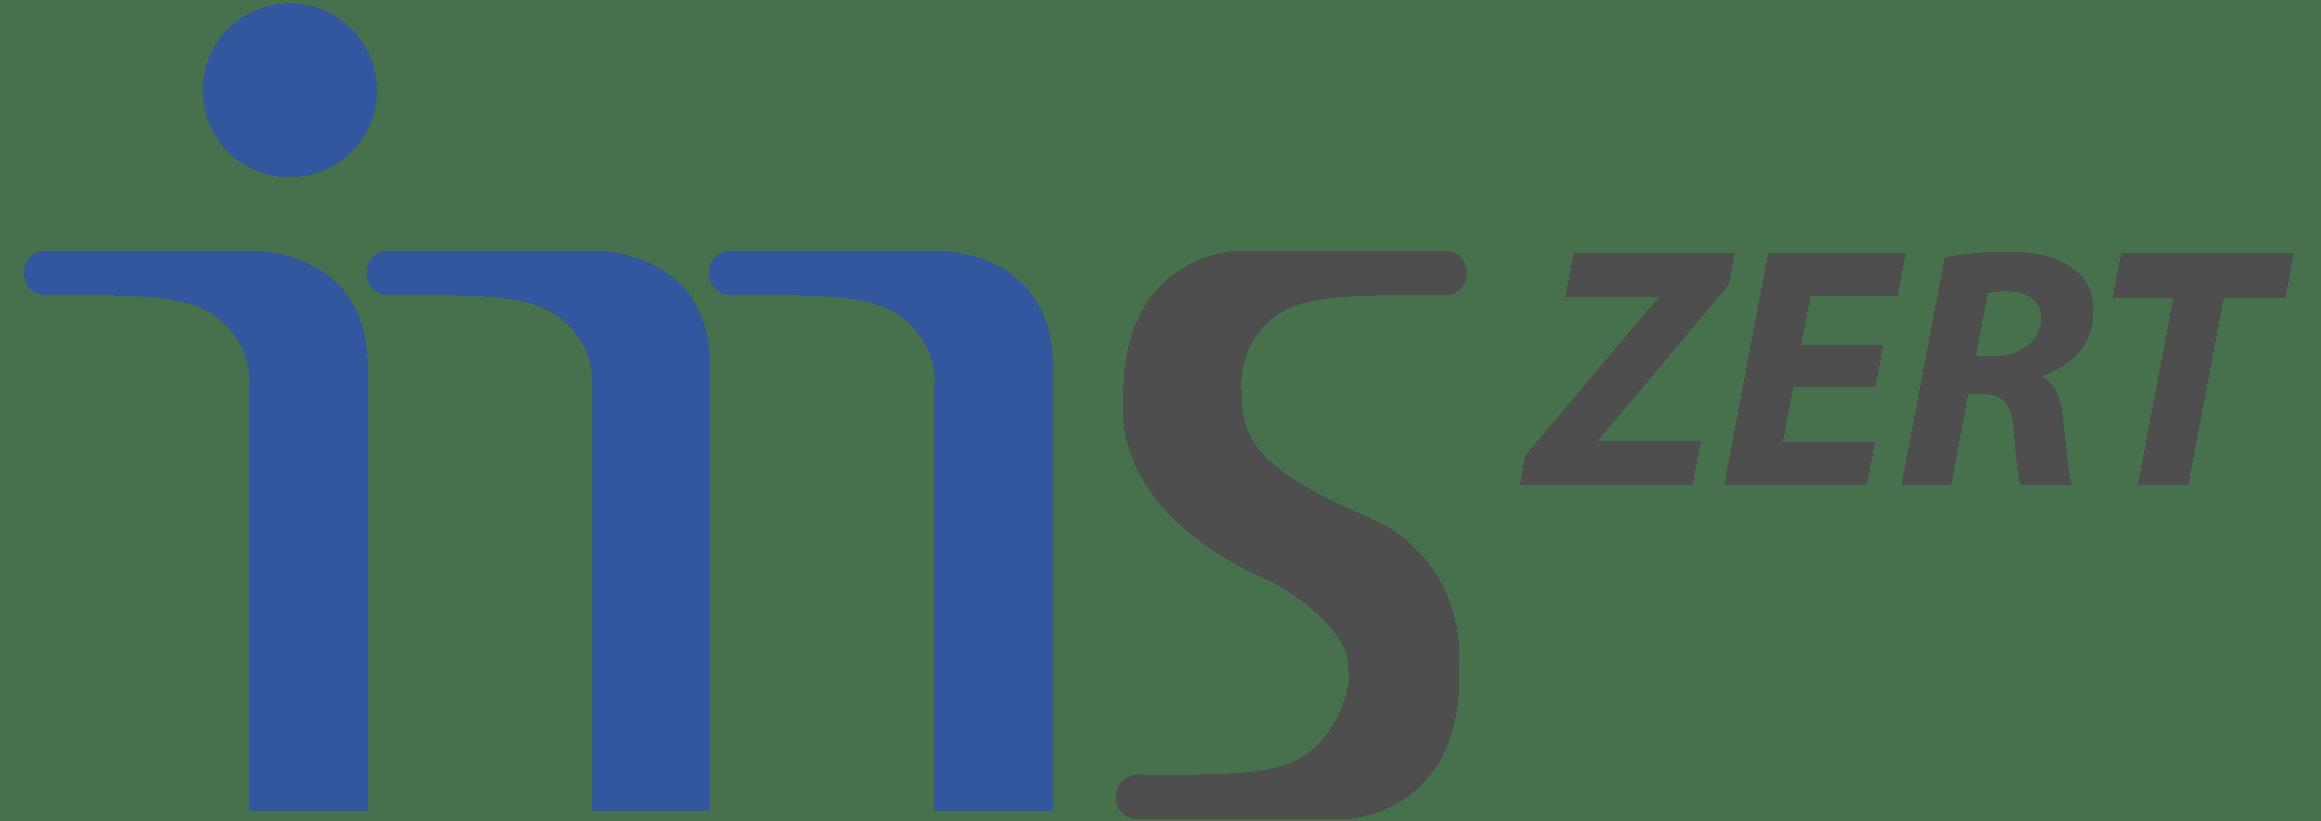 IMS-Zert-Logo